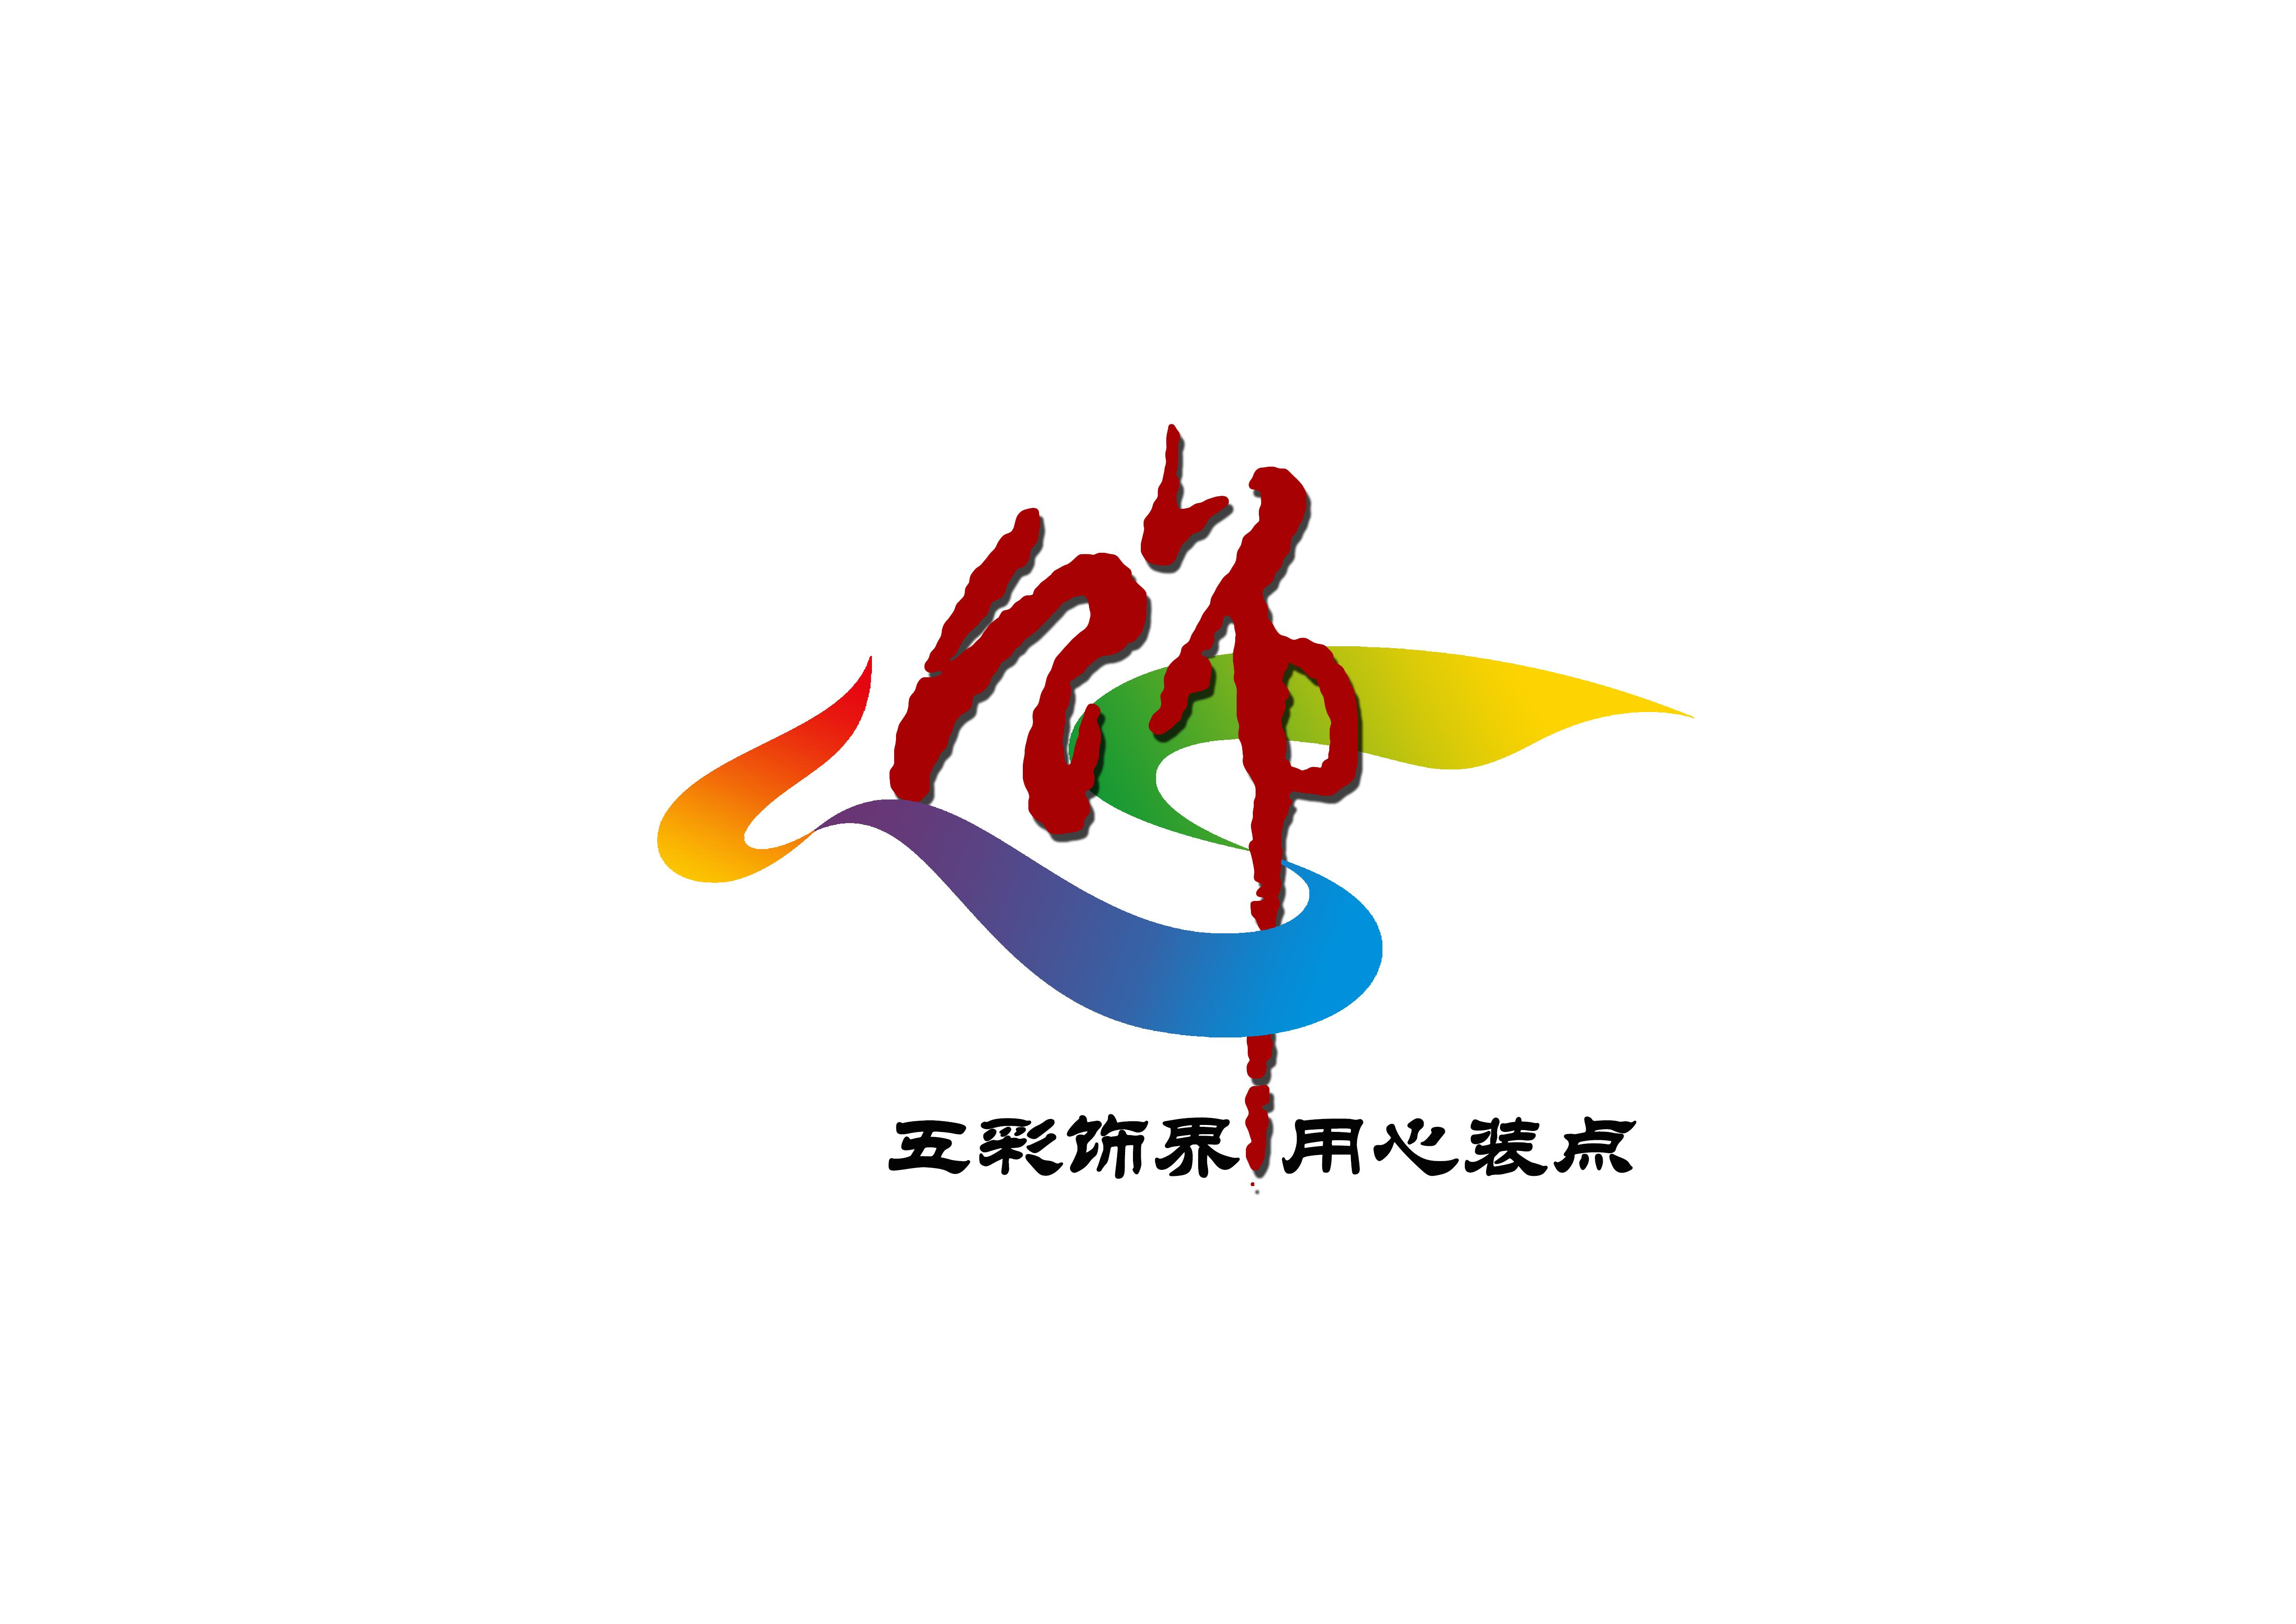 """""""五彩饰界""""党建品牌  ——上海分公司党总支"""